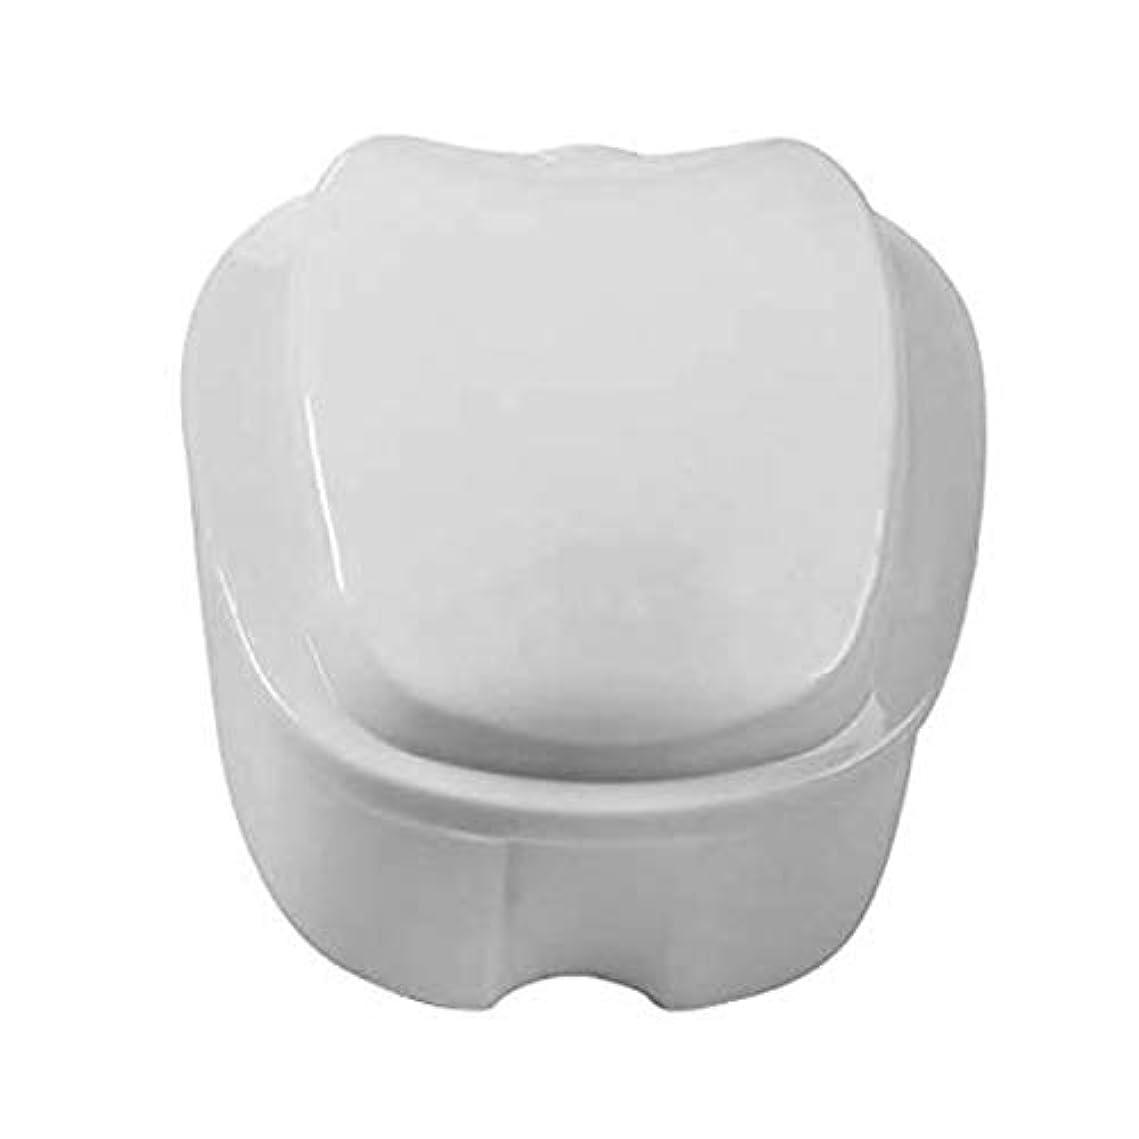 動脈大胆シビックCoiTek 入れ歯 ケース 義歯容器 家庭旅行用 ストレーナー付き(ホワイト)